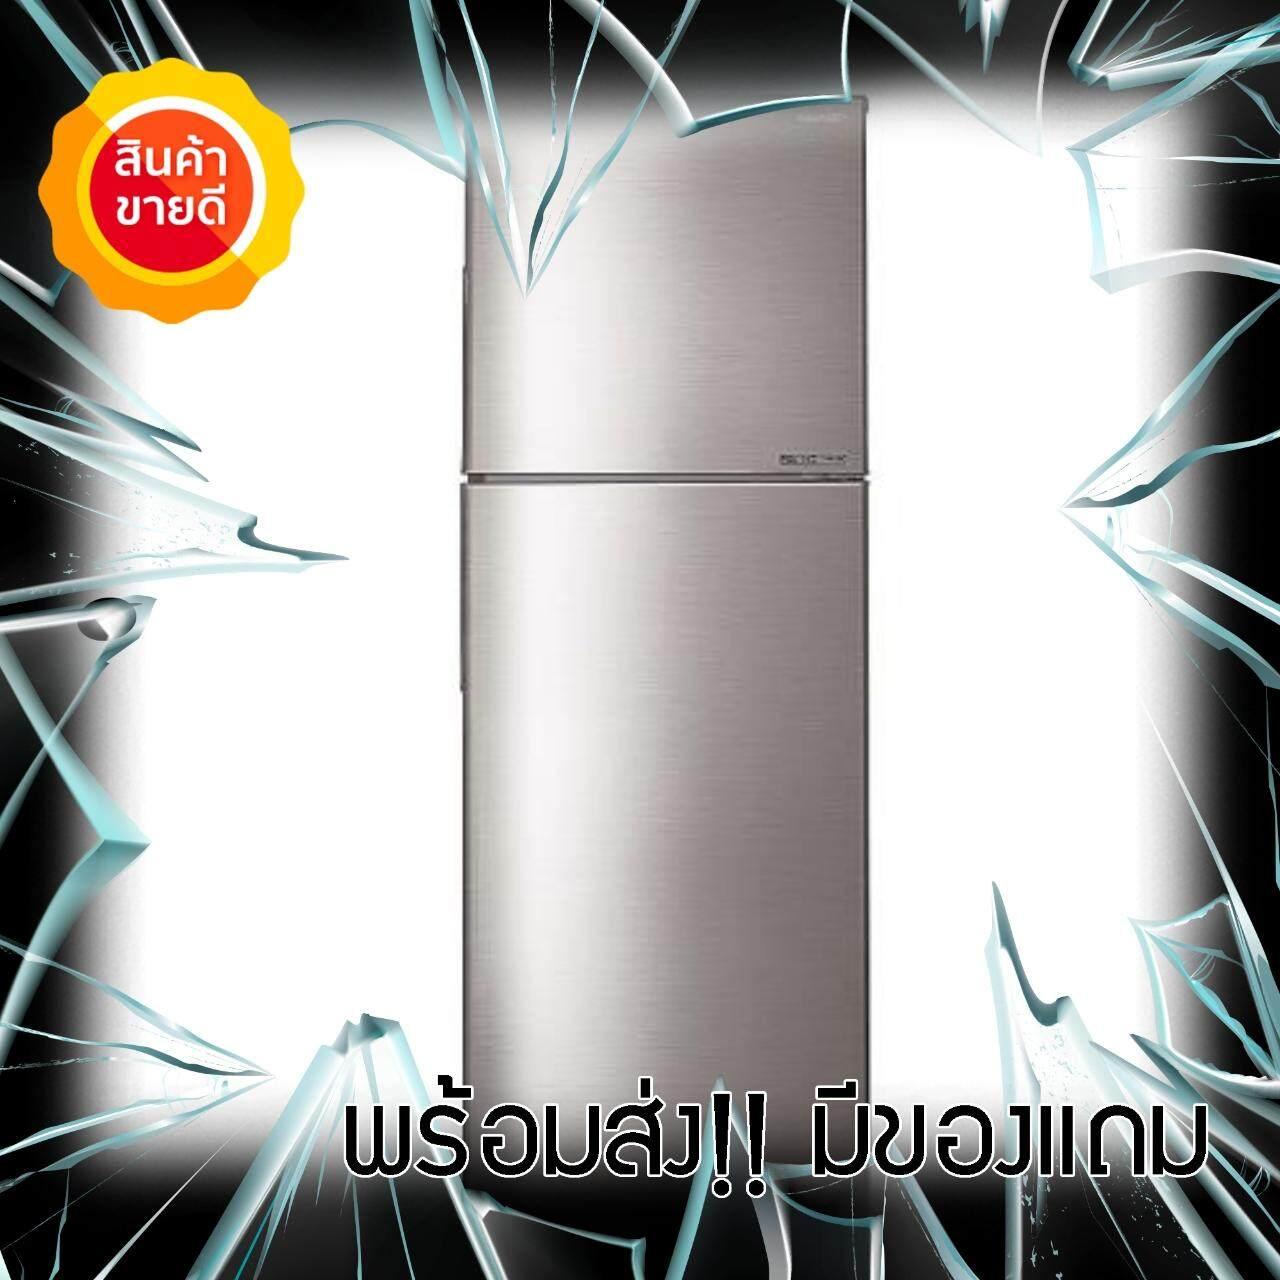 ((มีสินค้า)) SHARP ตู้เย็นอินเวอร์เตอร์ ขนาด 7.9 คิว SJ-X230T-SL เงิน ตู้เย็นเล็ก ตู้เย็นมินิ ตู้เย็น 1 ประตู ตู้เย็นพกพก ตู้เย็นในรถ ตู้เย็นhitachi ตู้เย็นmitsubishi ตู้เย็น ราคา ตู้ เย็น ตู้ เย็น เล็ก ตู้ เย็น ราคา ตู้ แช่ แข็ง ตู้ เย็น ราคา ถูก ตู้